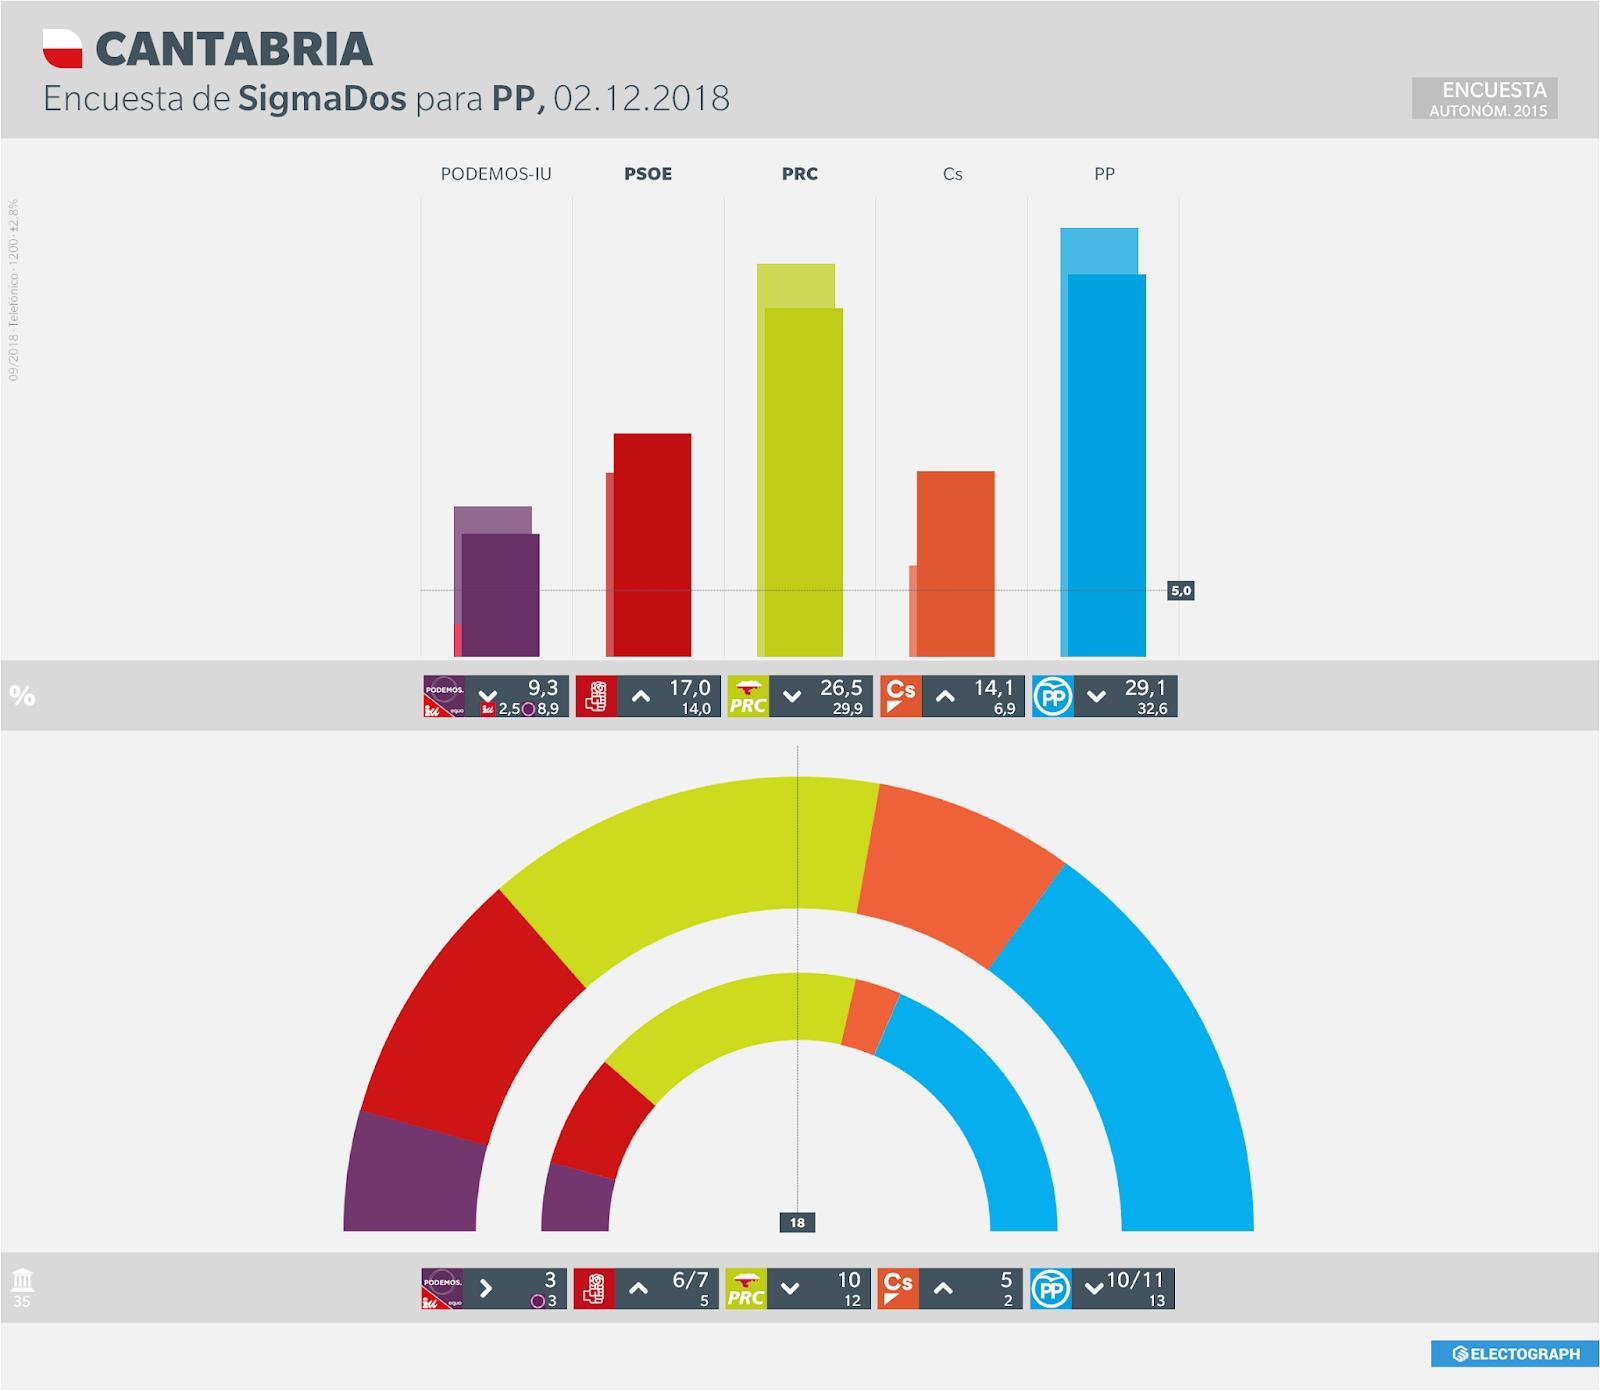 Gráfico de la encuesta para elecciones autonómicas en Cantabria realizada por SigmaDos para el PP en septiembre de 2018